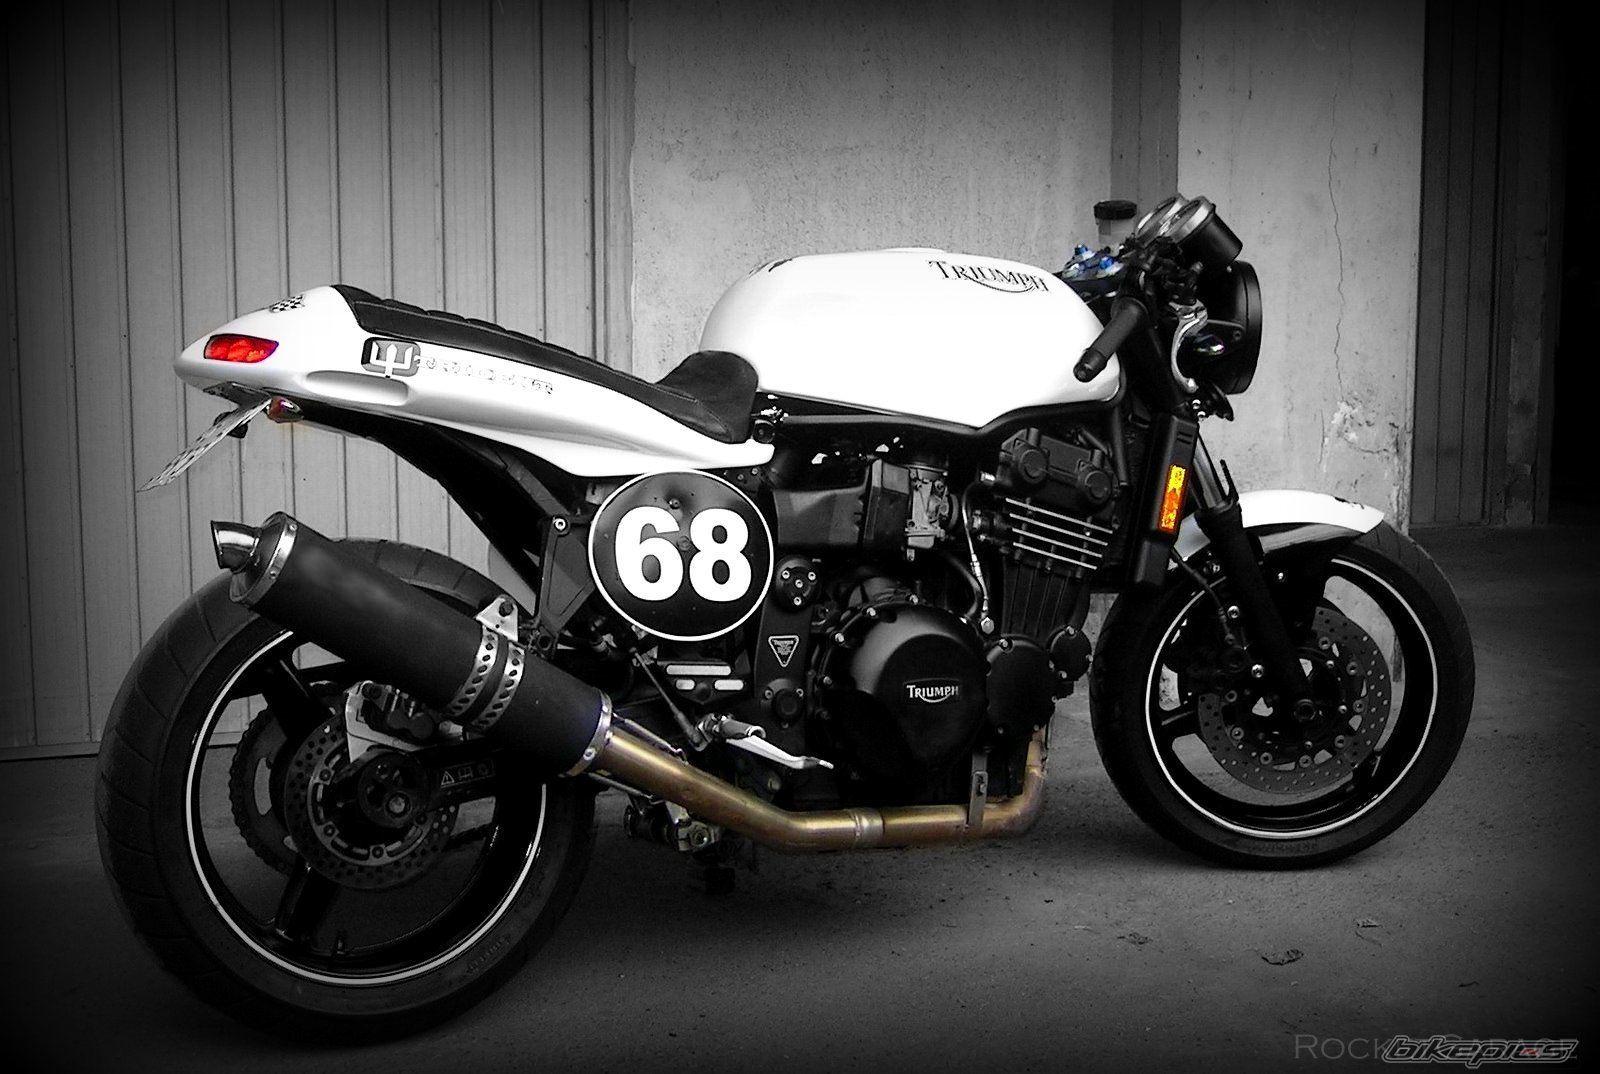 possible cafe project - triumph forum: triumph rat motorcycle